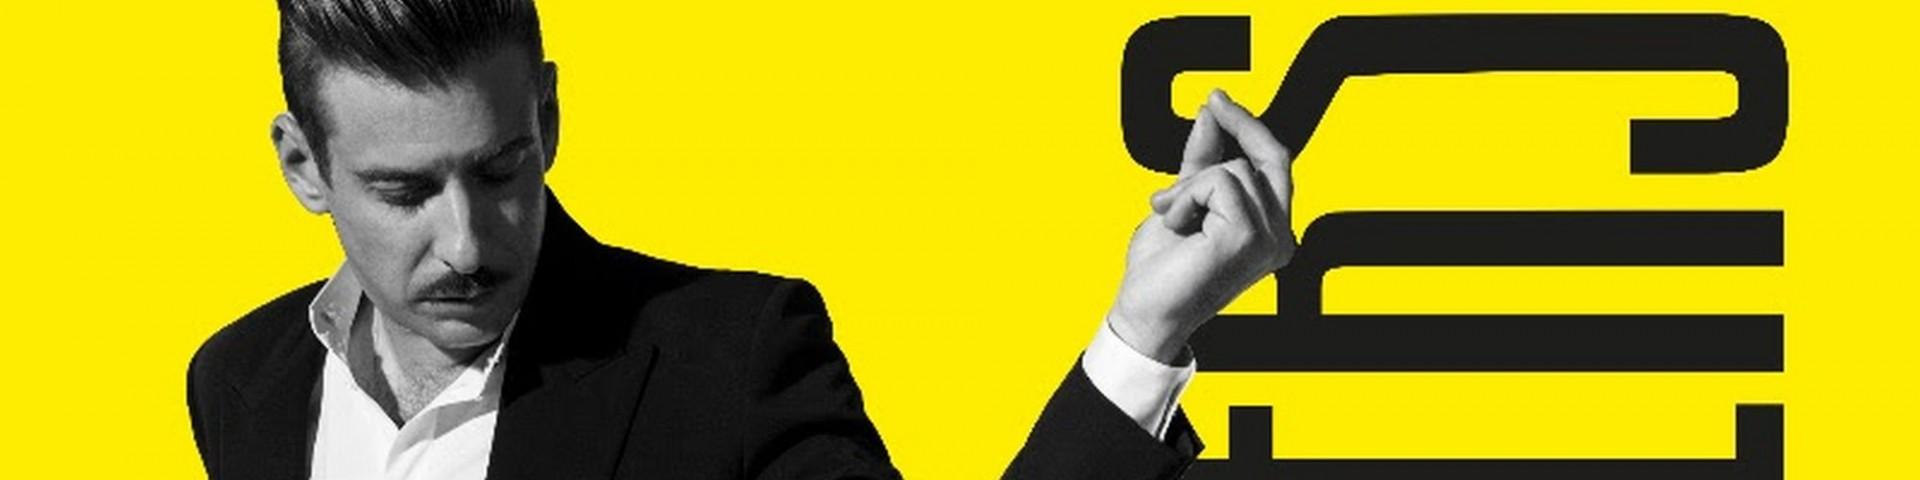 """Francesco Gabbani a Sanremo 2020: """"Non devo dimostrare a tutti i costi qualcosa"""" (Video)"""